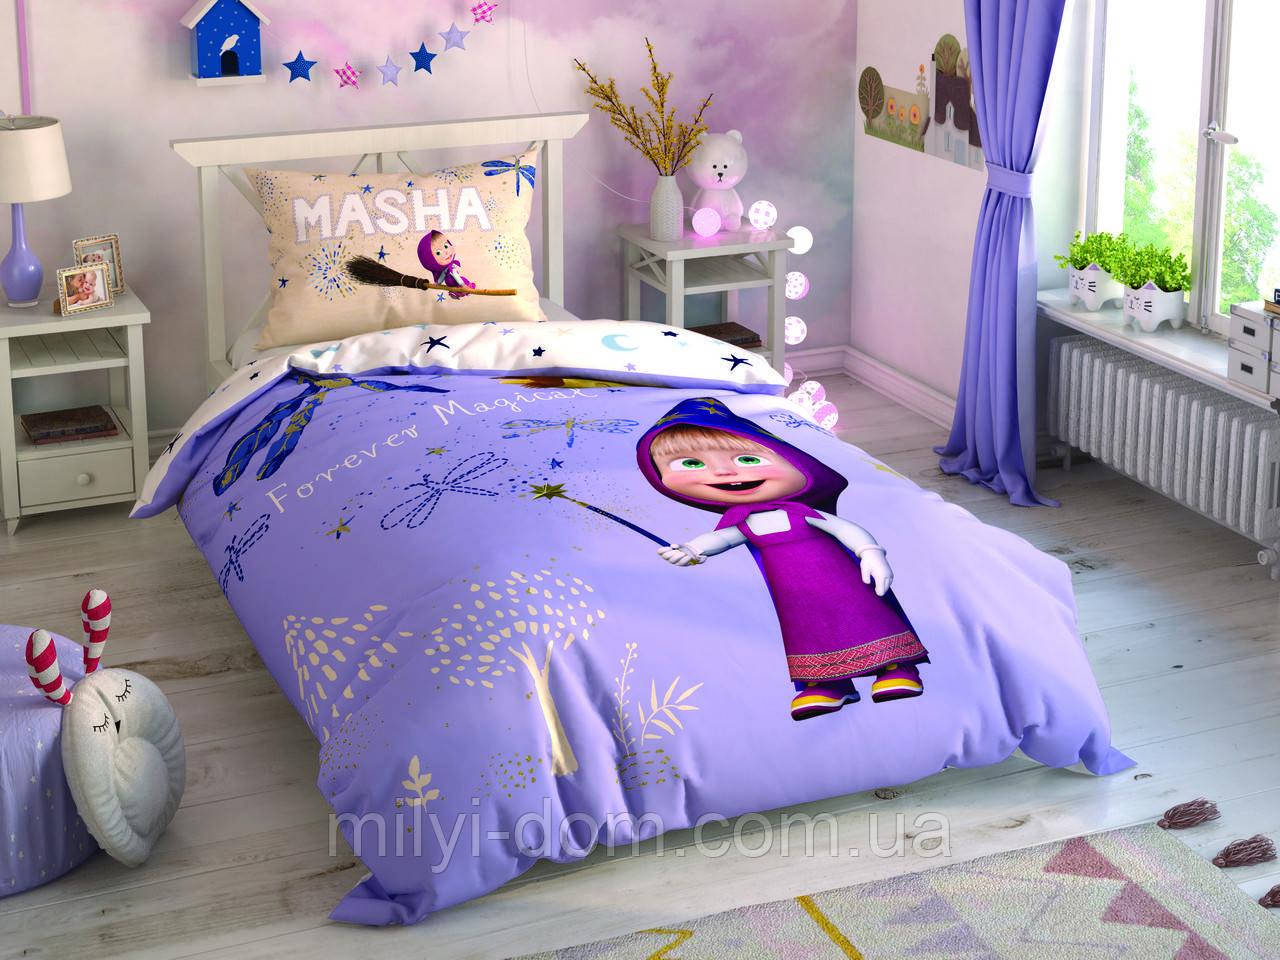 Набор детского постельного белья TAC Маша и Медведь Masha and Bear Magical Ранфорс